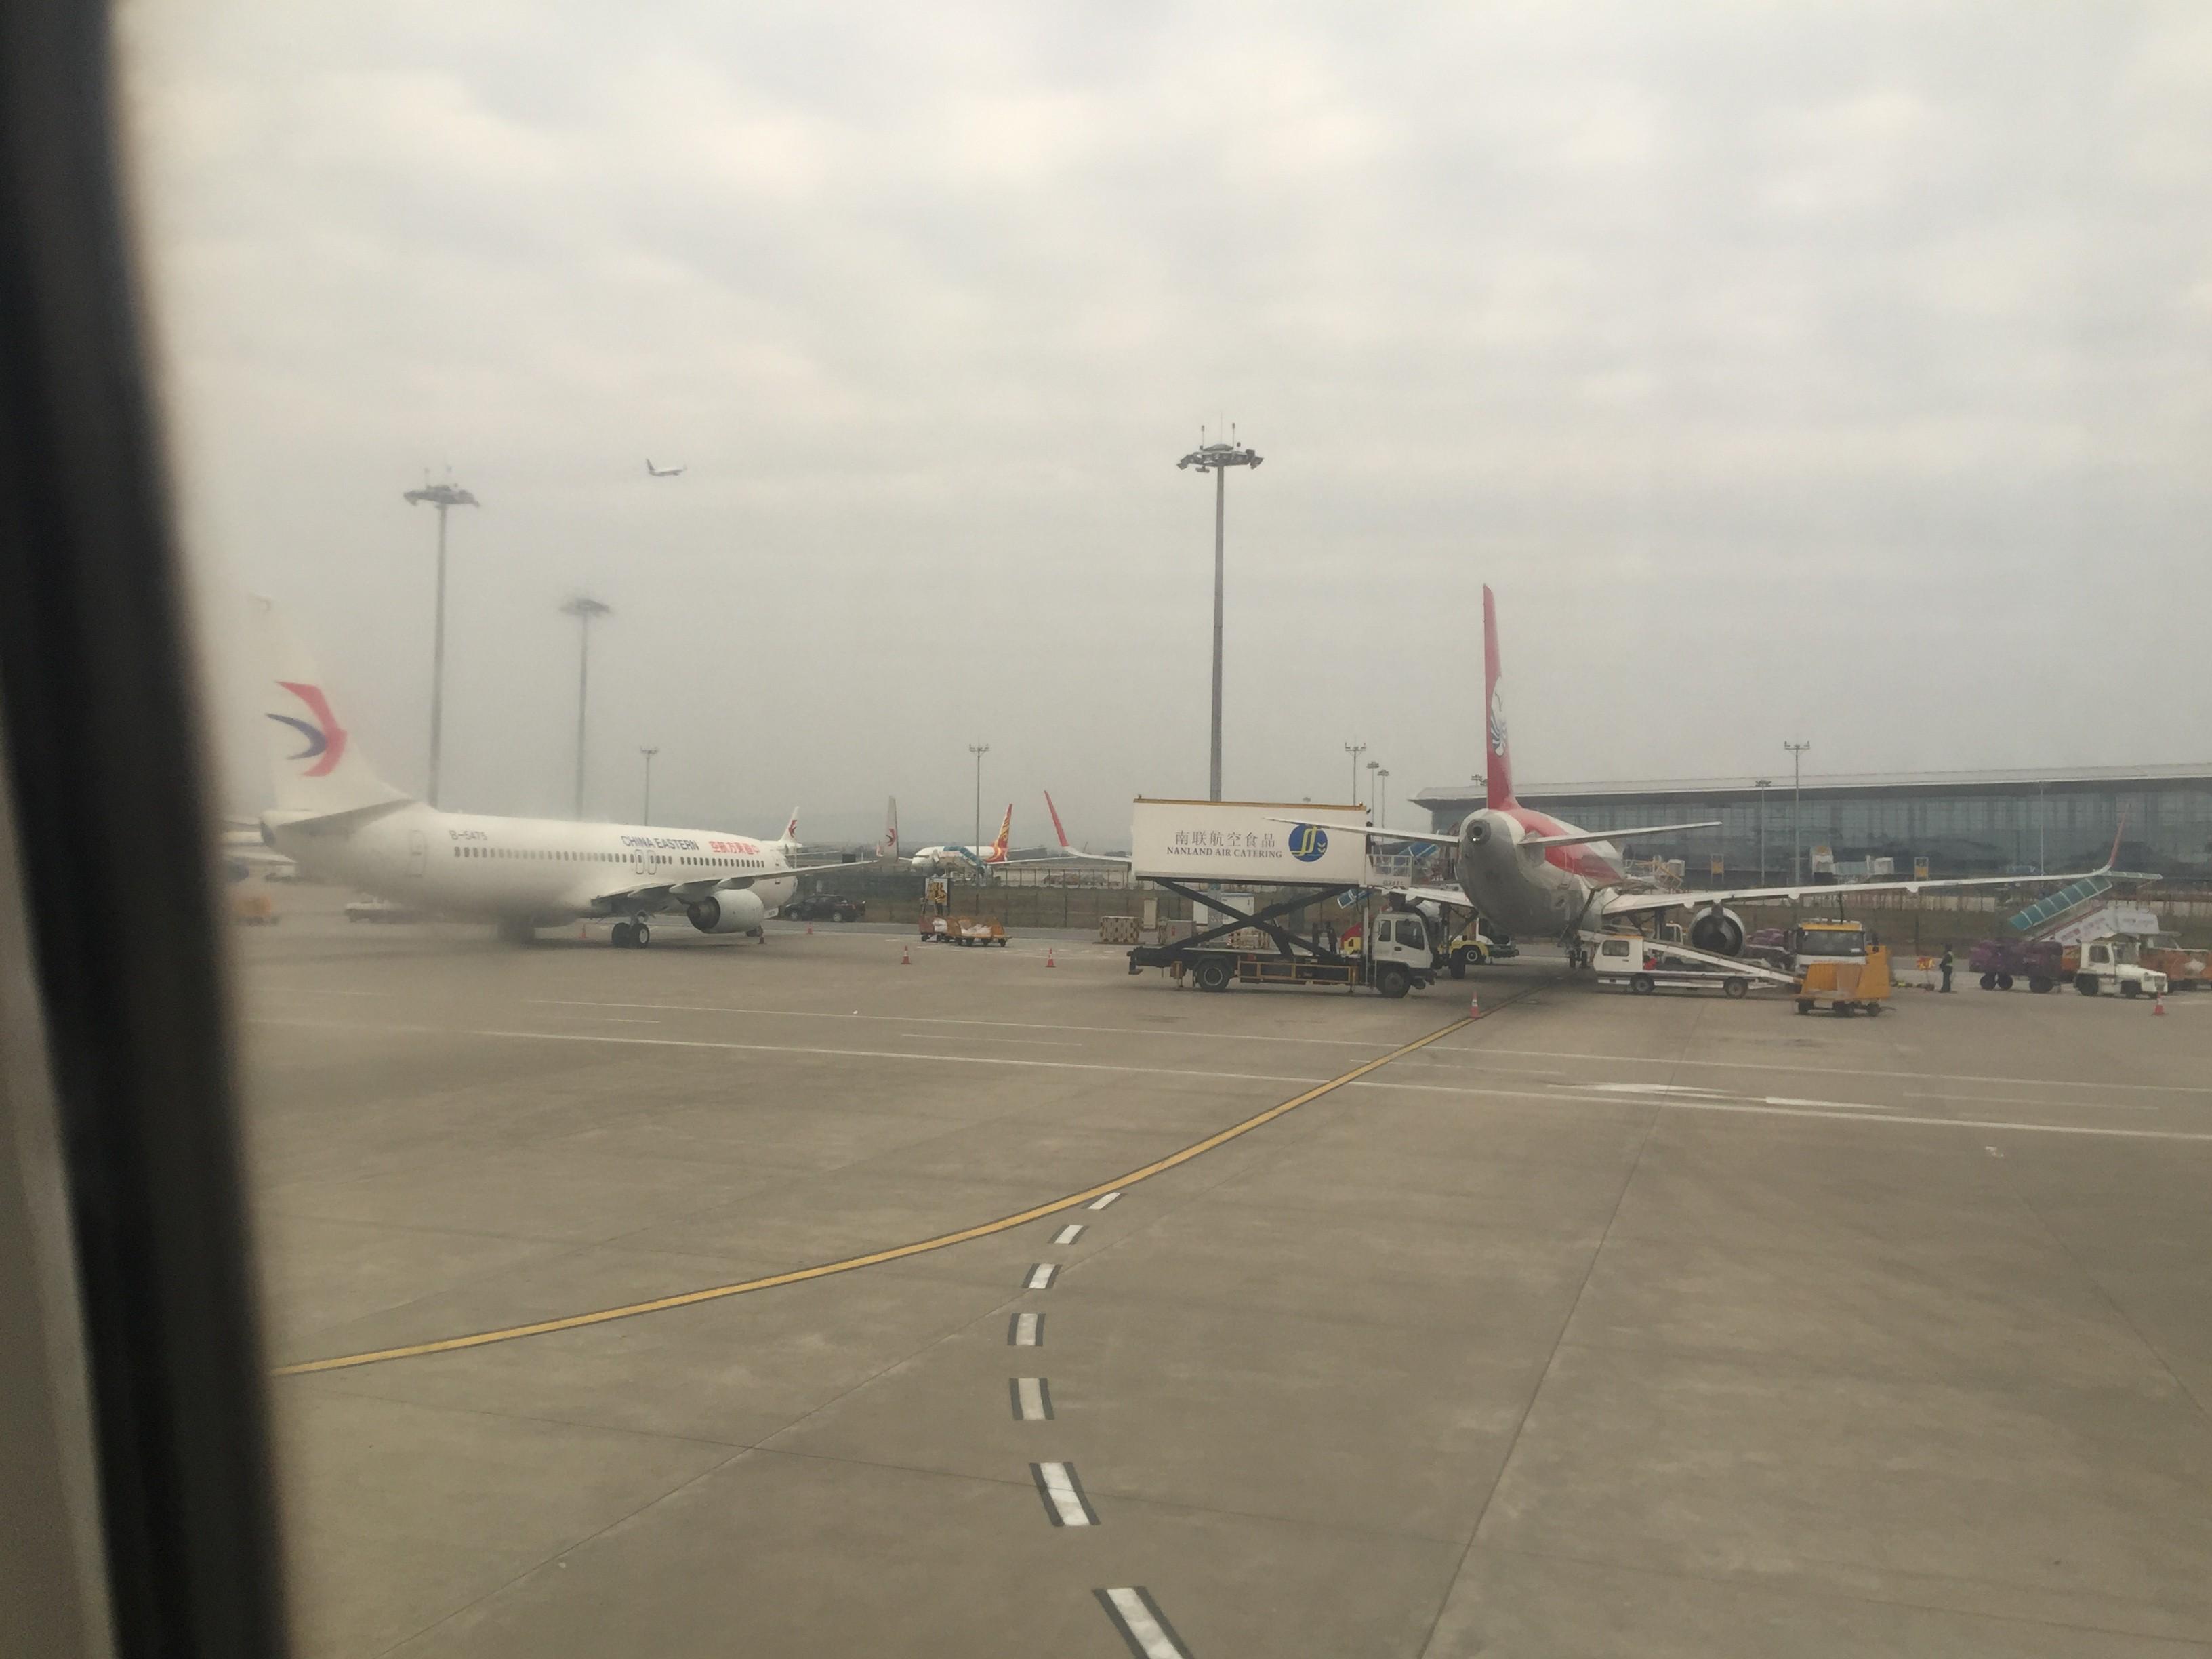 Re:[原创]「BoKer的飞行游记」新人首次发帖 中国东方航空 广州-台州 BOEING 737-800 B-5475 中国广州白云国际机场